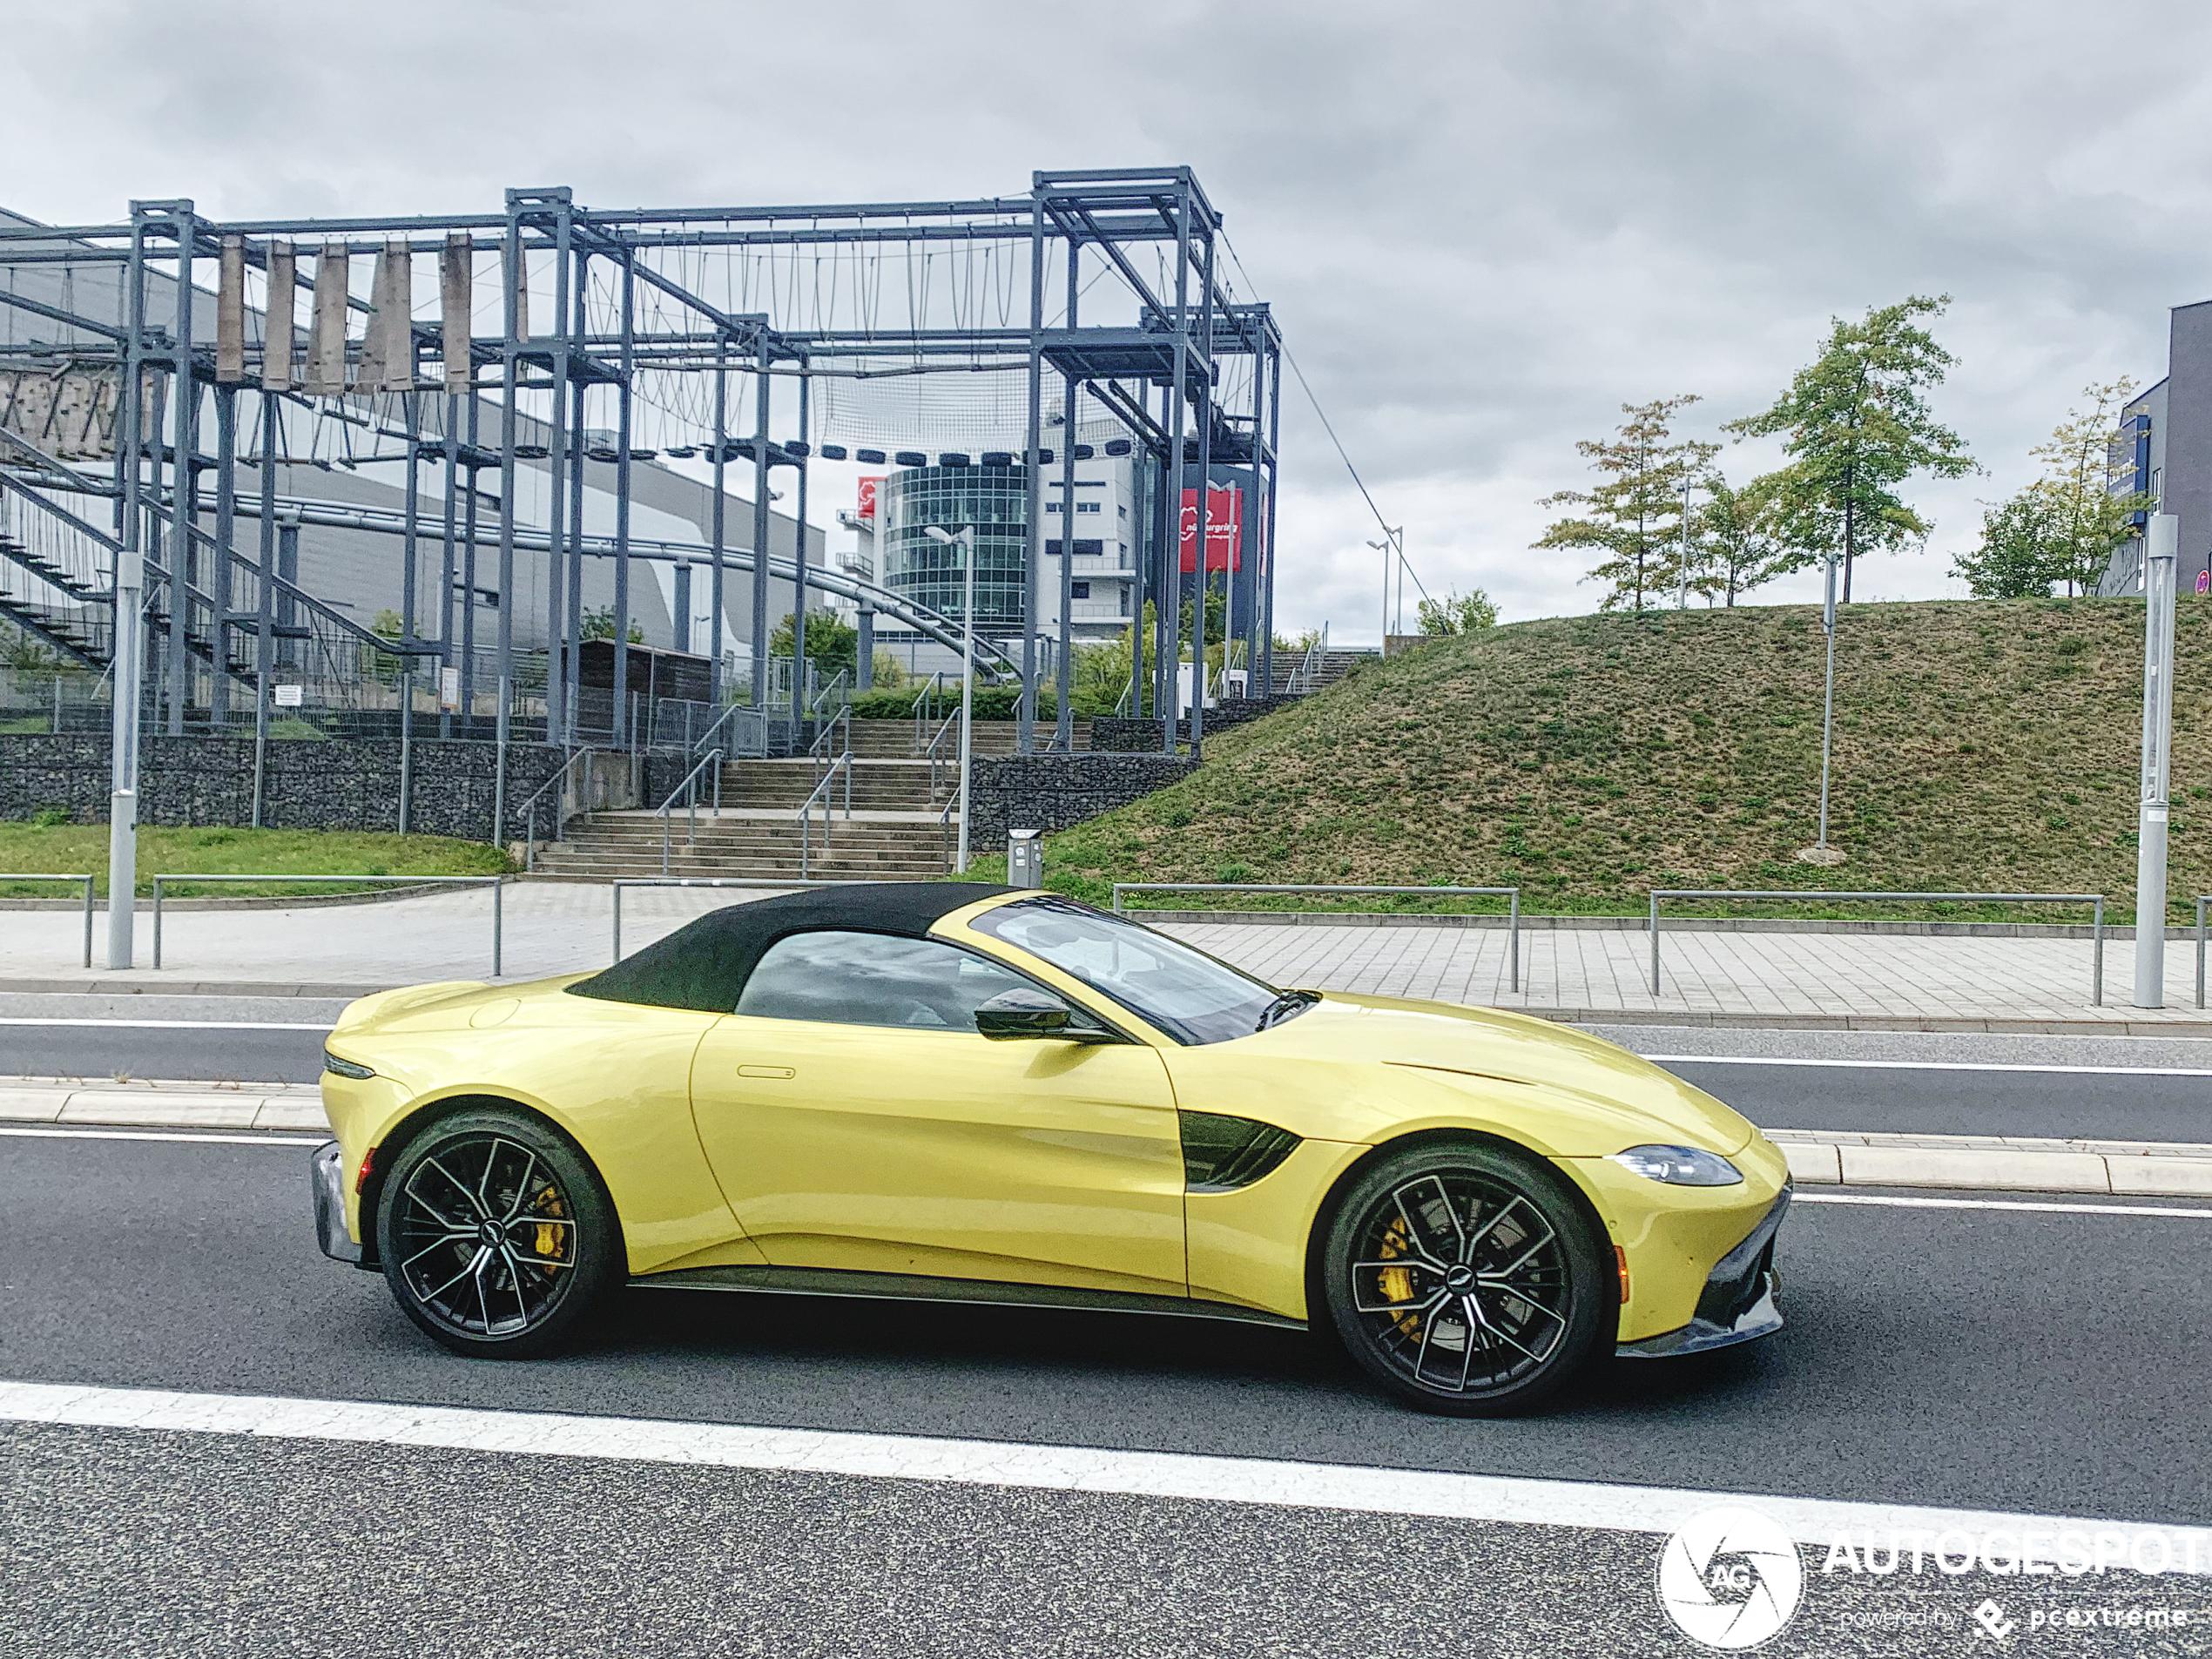 Aston Martin V8 Vantage Roadster mag het dak nog niet open gooien